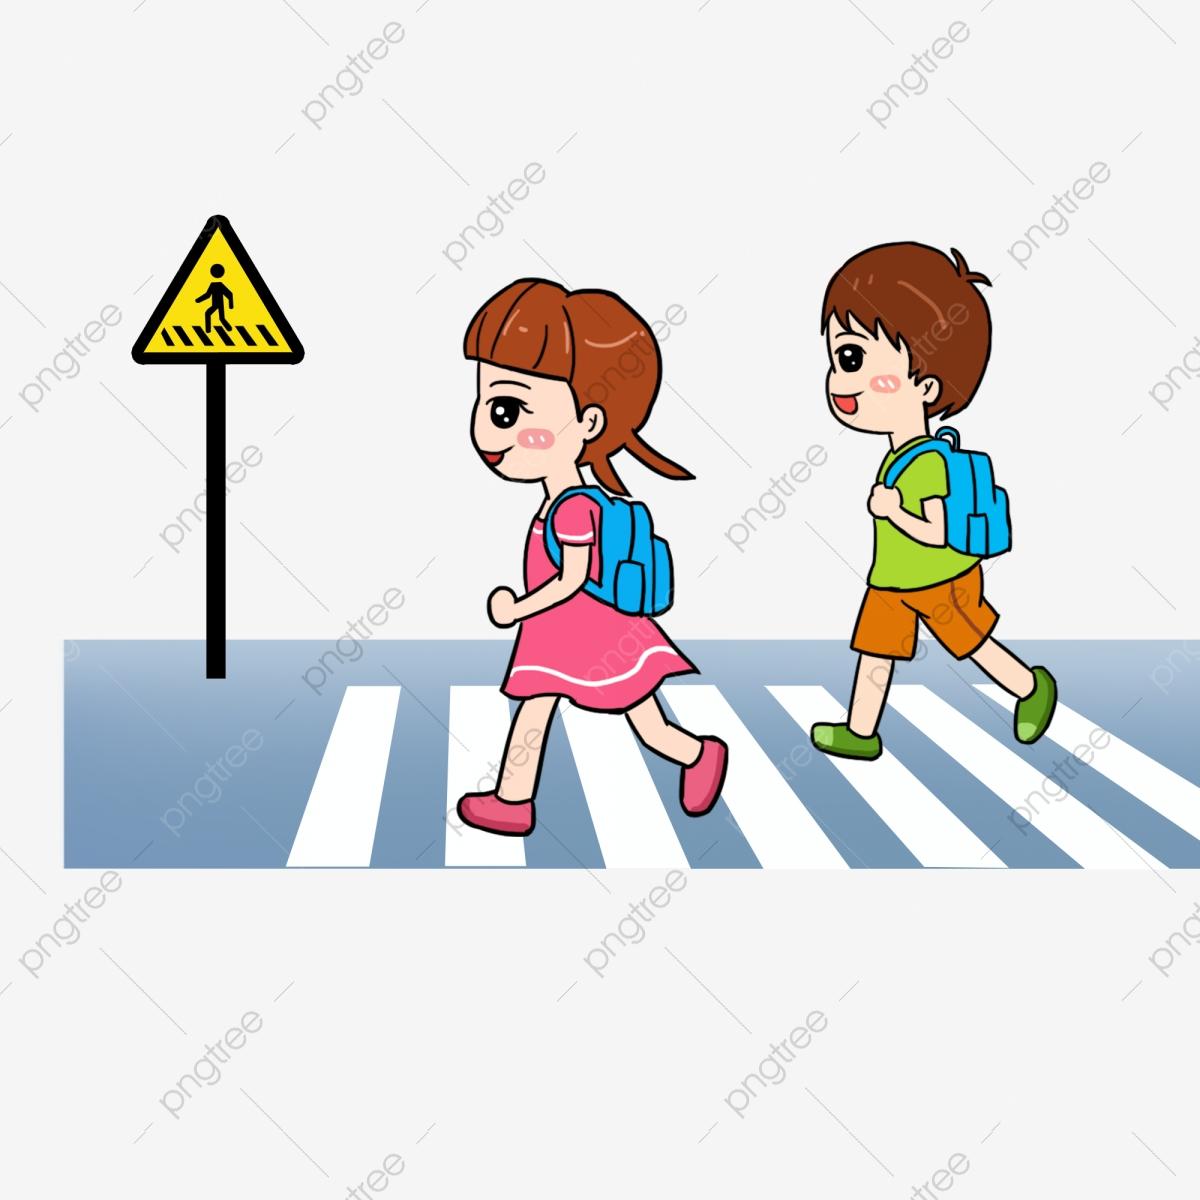 صورة صور تدل على سلامة الطريق، اهم القواعد لسلامه الطريق